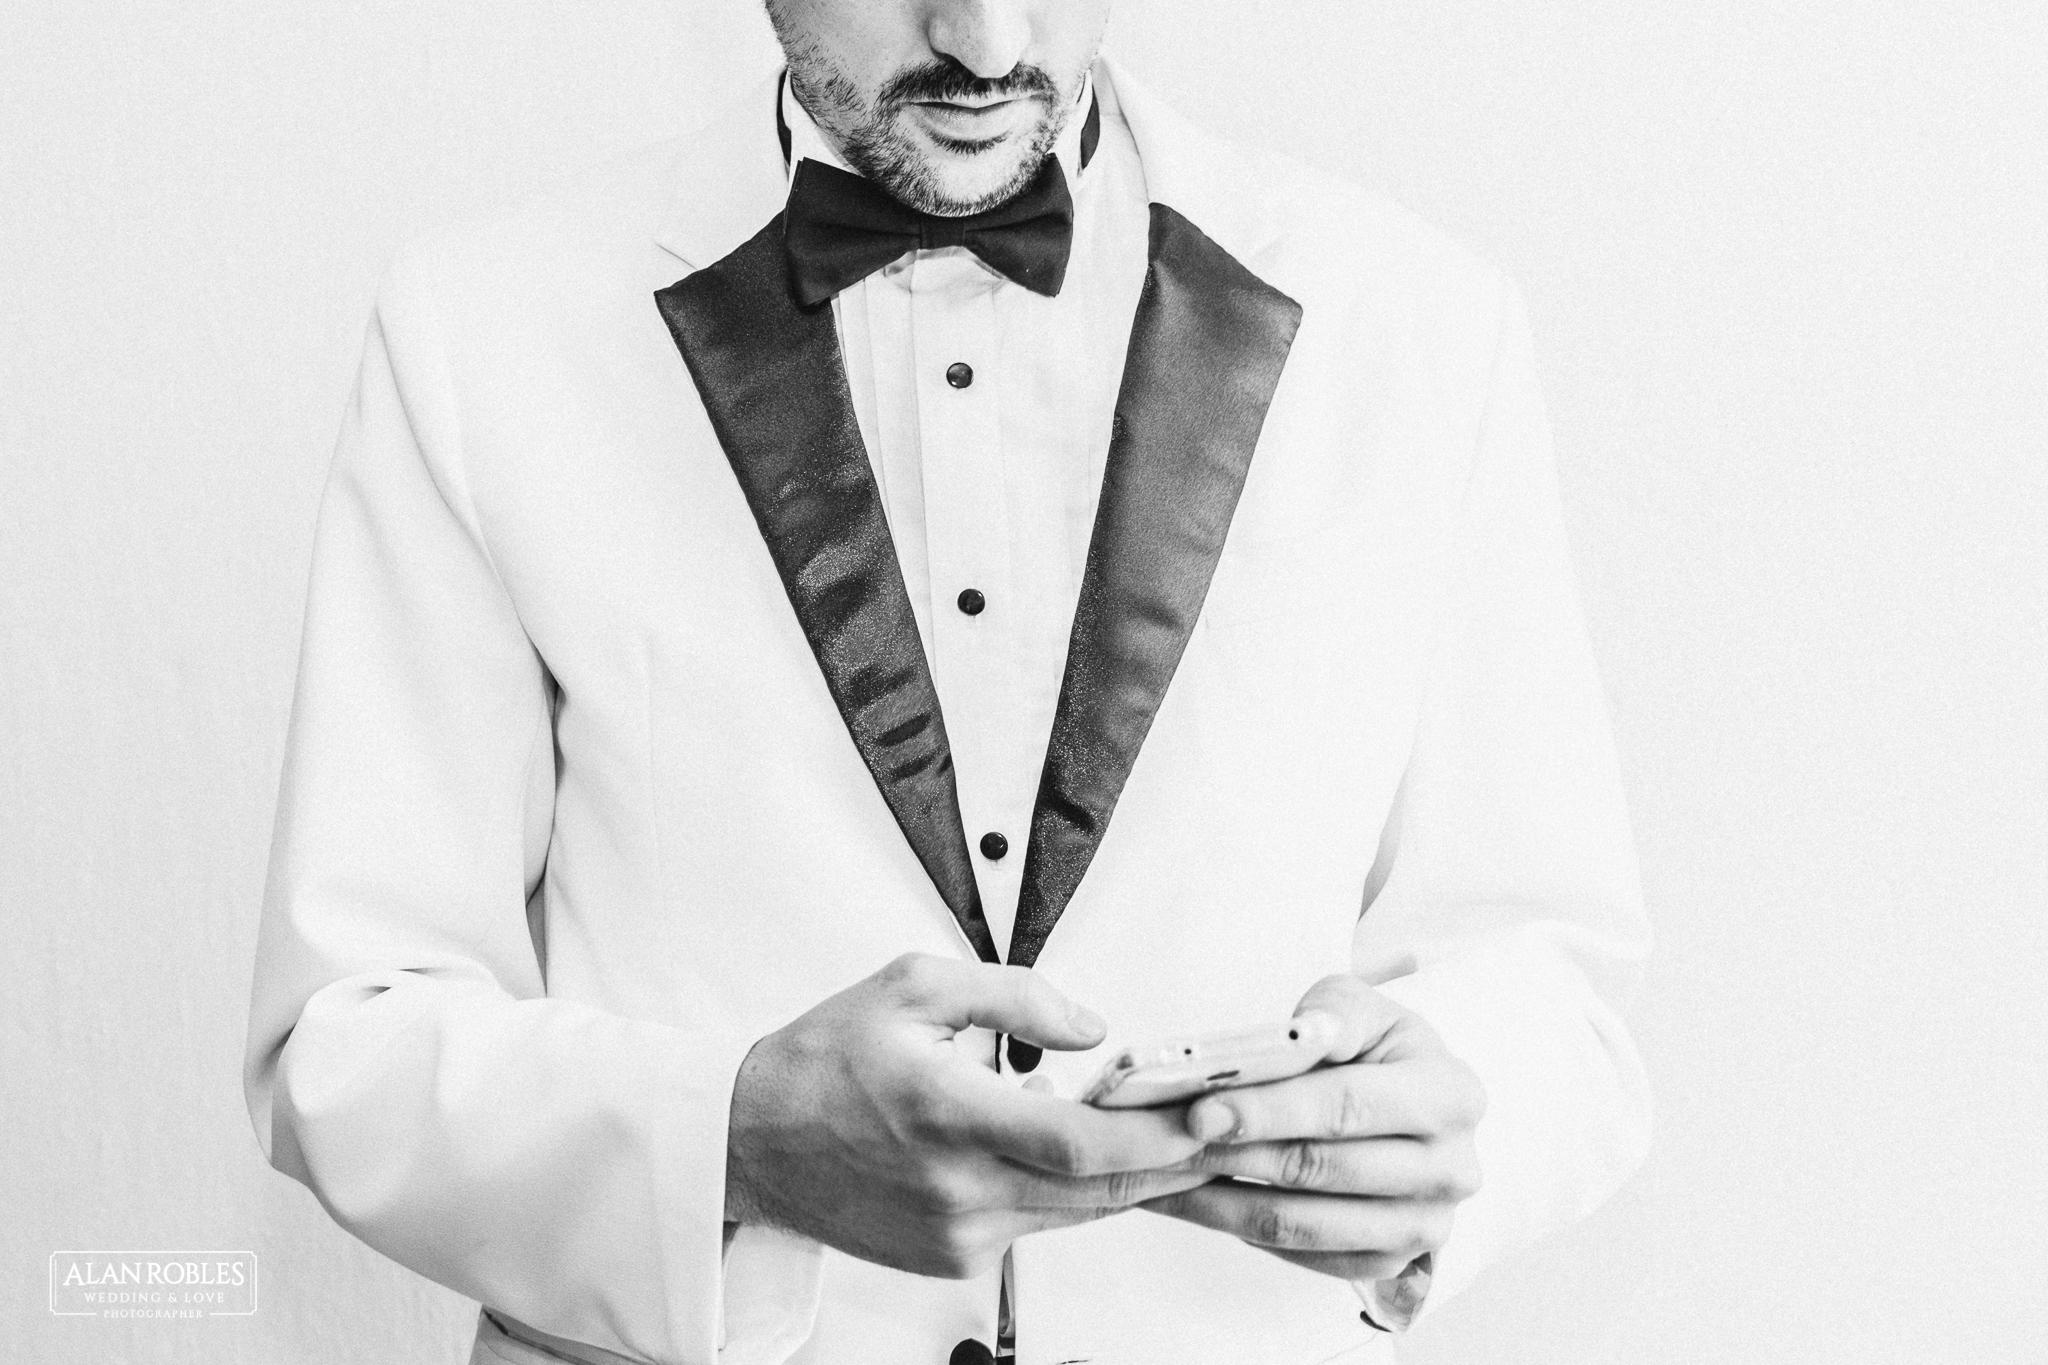 Novio en Getting Ready Pidiendo uber para su boda. Wedding Moments. El mejor fotografo de bodas en Guadalajara Alan Robles Wedding Photographer.